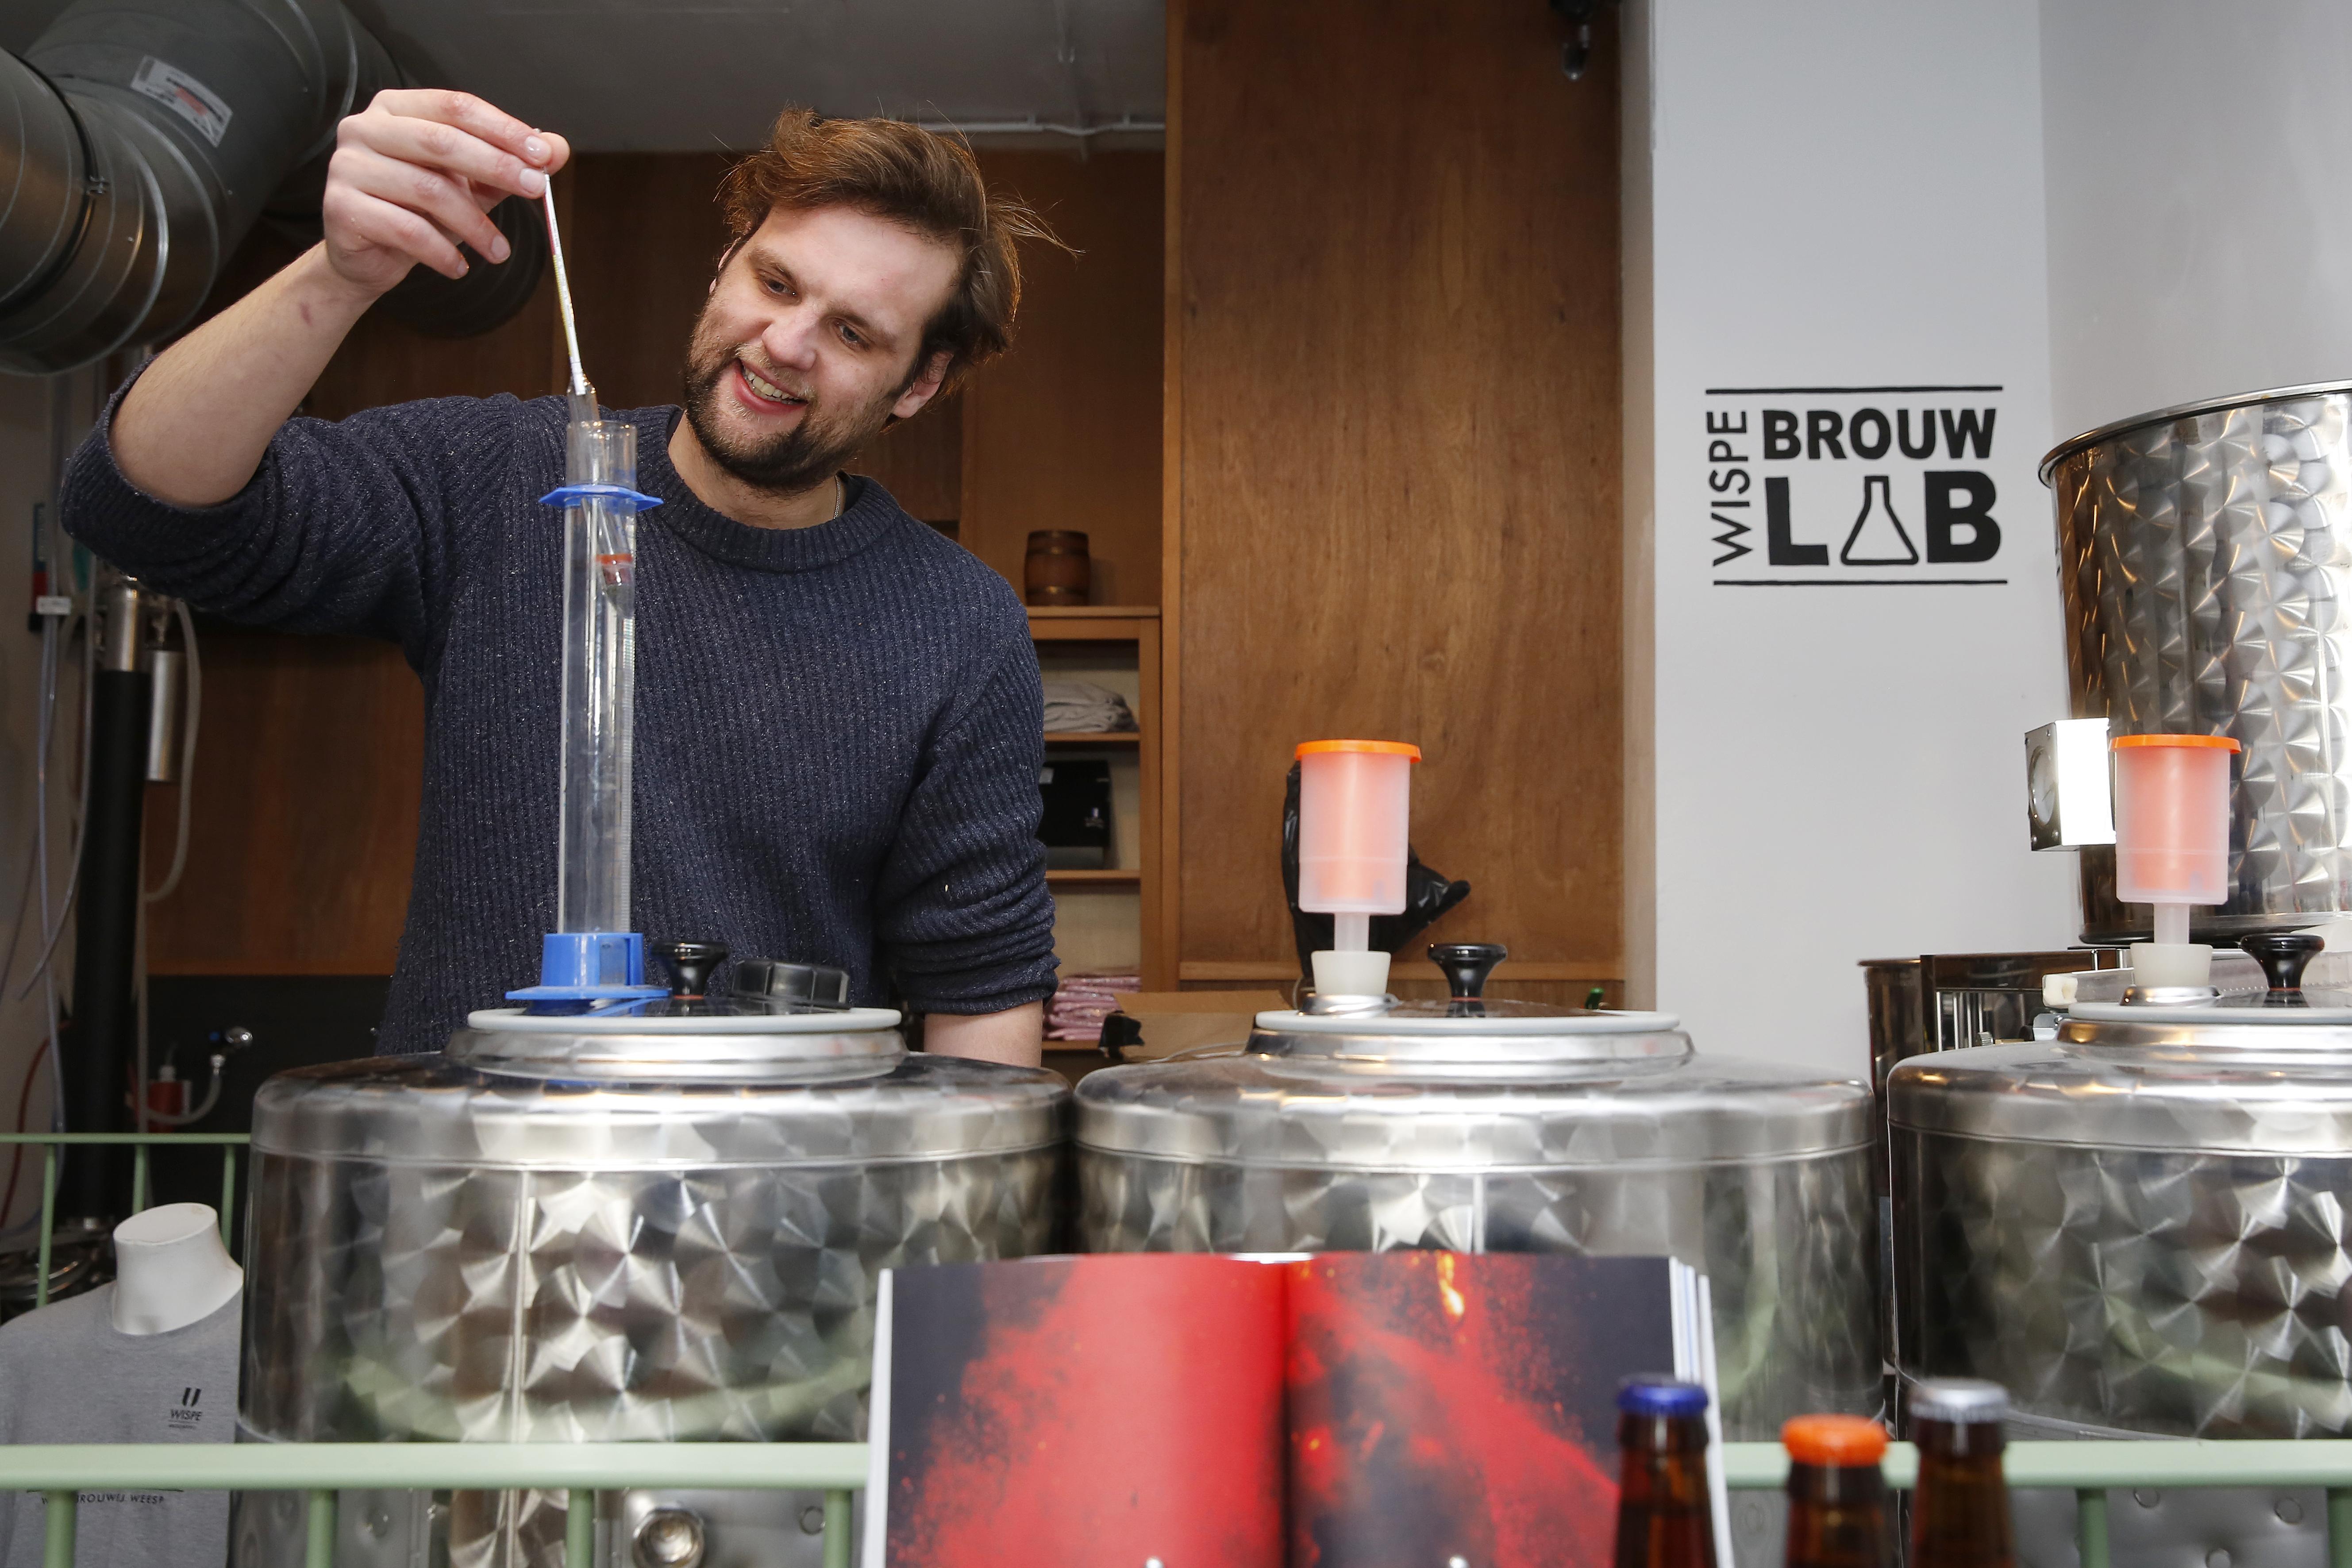 Stokerij Anker Weesp stookt oude jenever met eeuwenoude recepten als inspiratiebron. Want ooit was Weesp de grootste jeneverproducent. Dan is het toch gek als er geen druppel meer gestookt wordt?